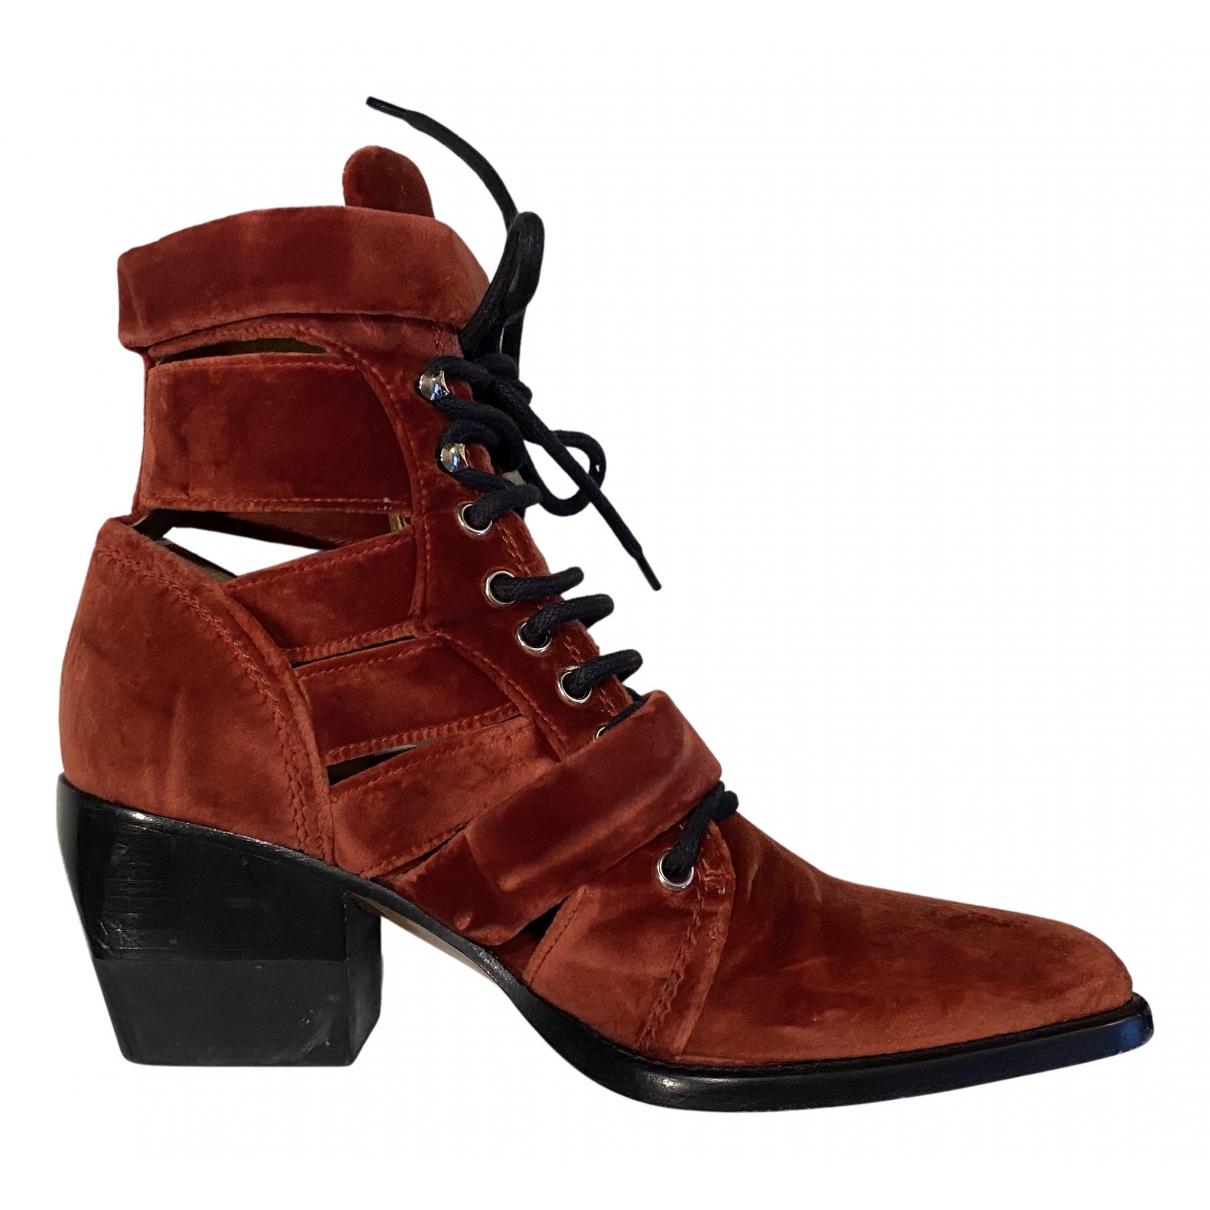 Chloe - Boots Rylee pour femme en velours - marron